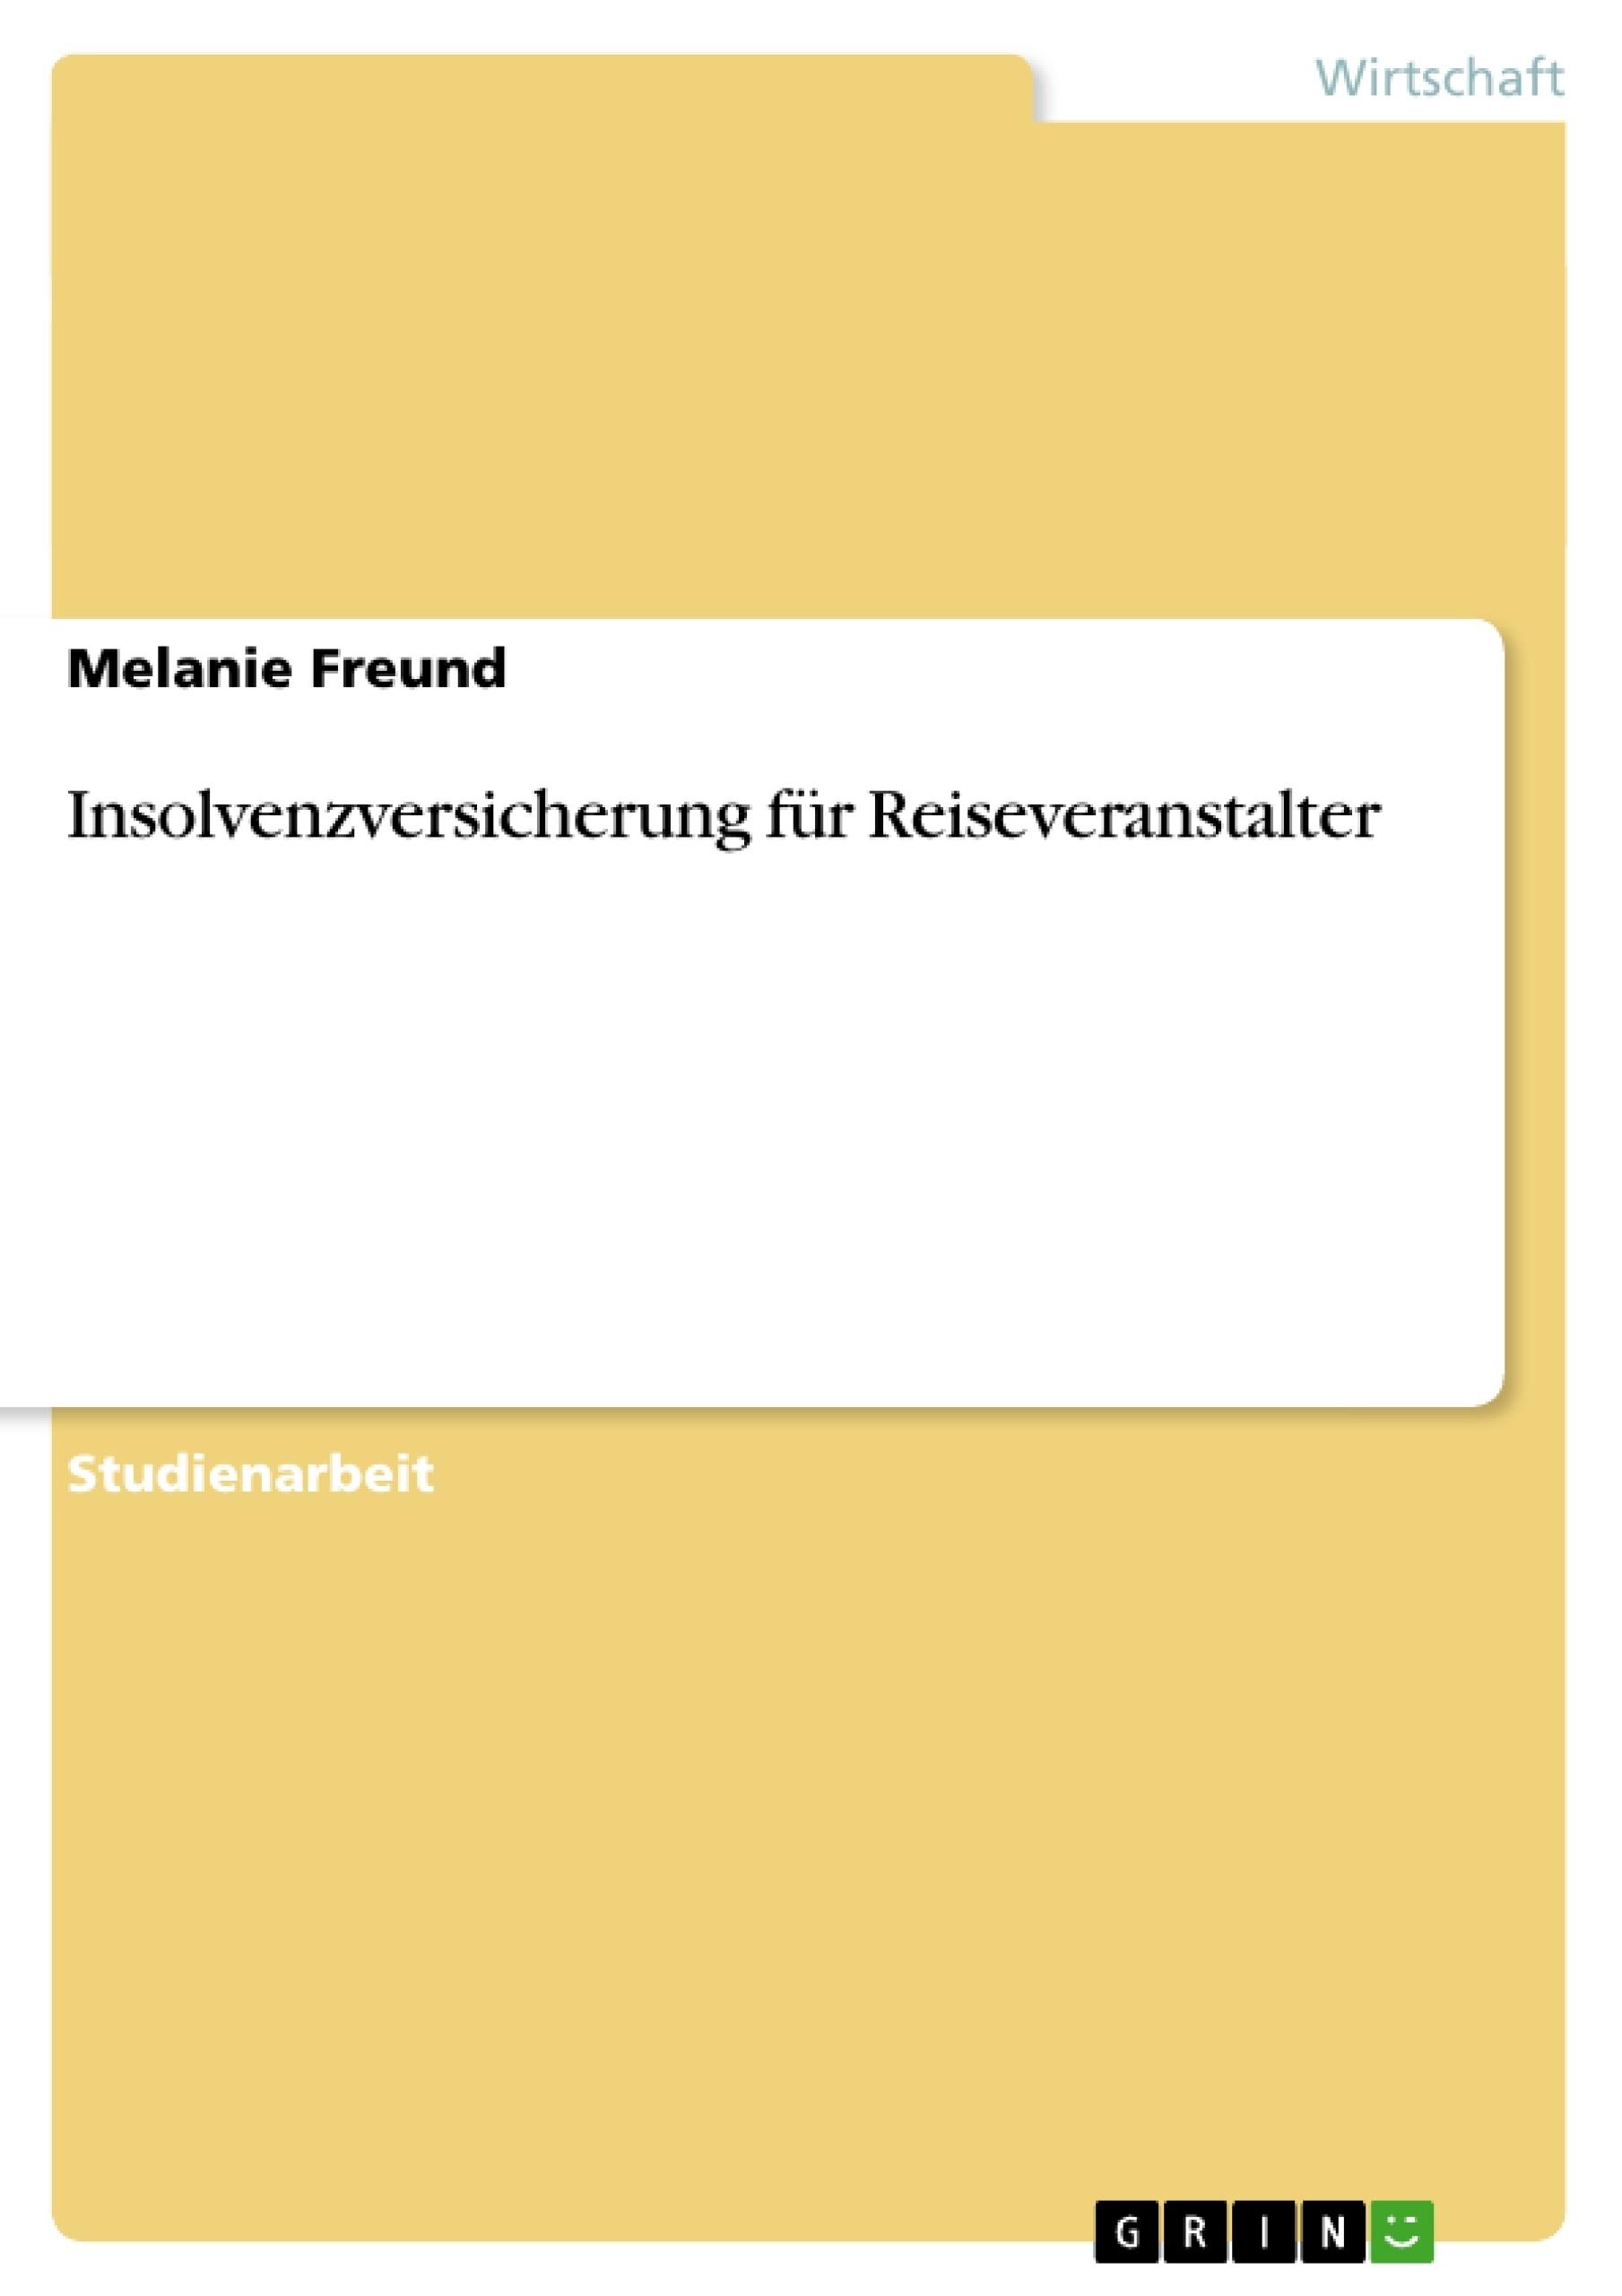 Titel: Insolvenzversicherung für Reiseveranstalter